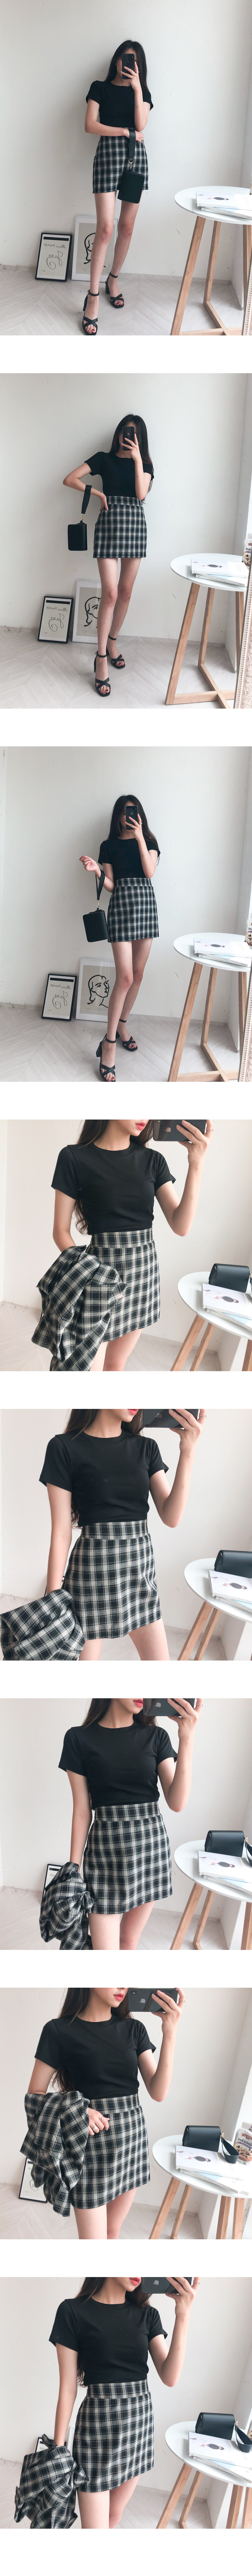 Return skirt